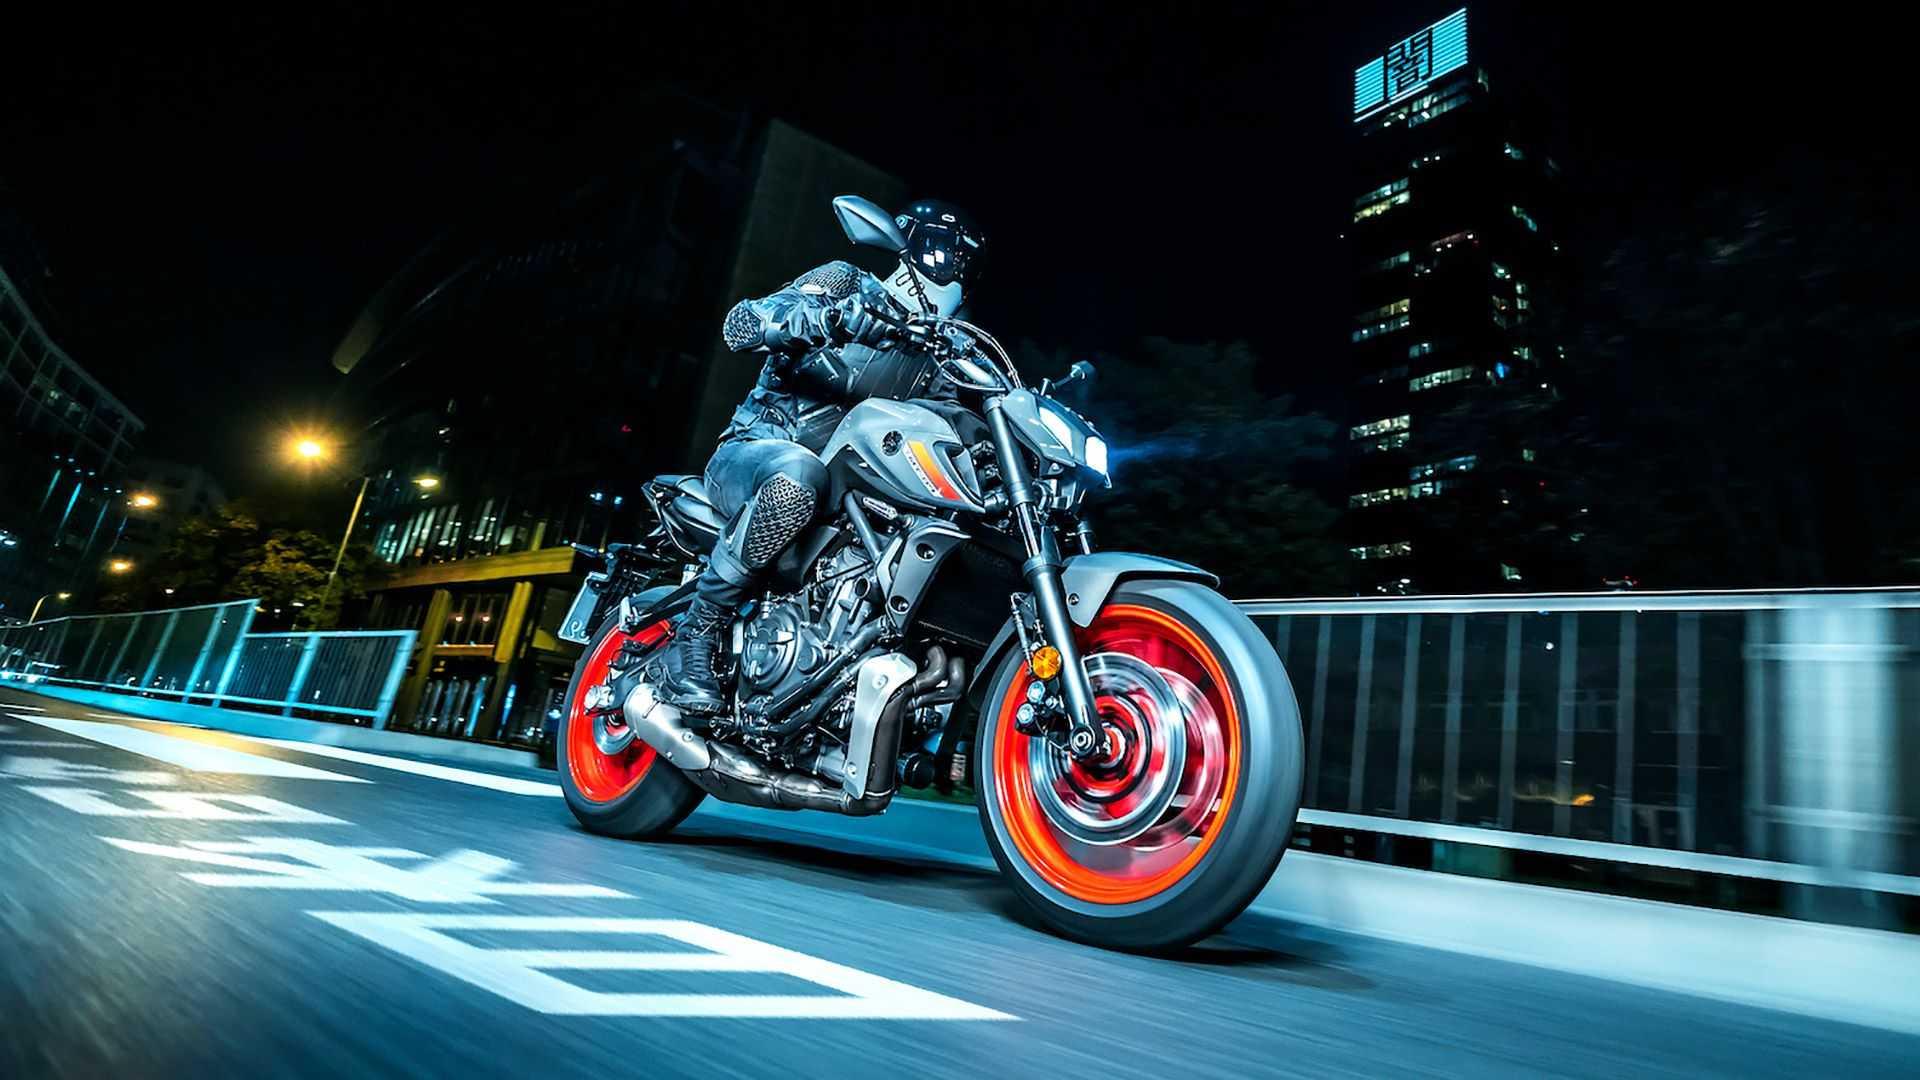 Sau MT-09, Yamaha tiếp tục giới thiệu MT-07 phiên bản 2021